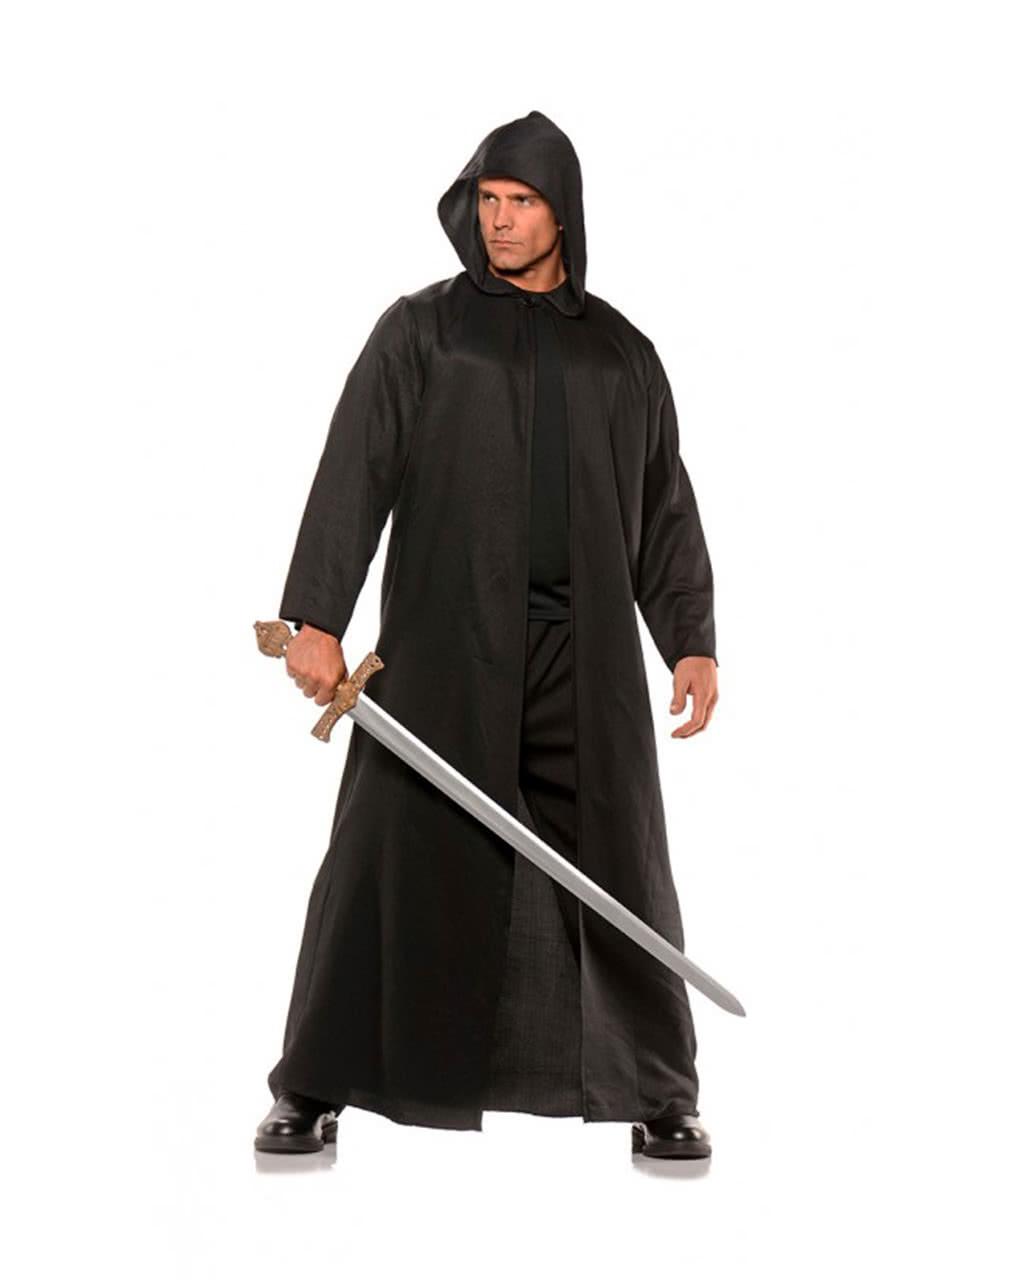 schwarzer kost m mantel mit kapuze f r halloween und larp. Black Bedroom Furniture Sets. Home Design Ideas